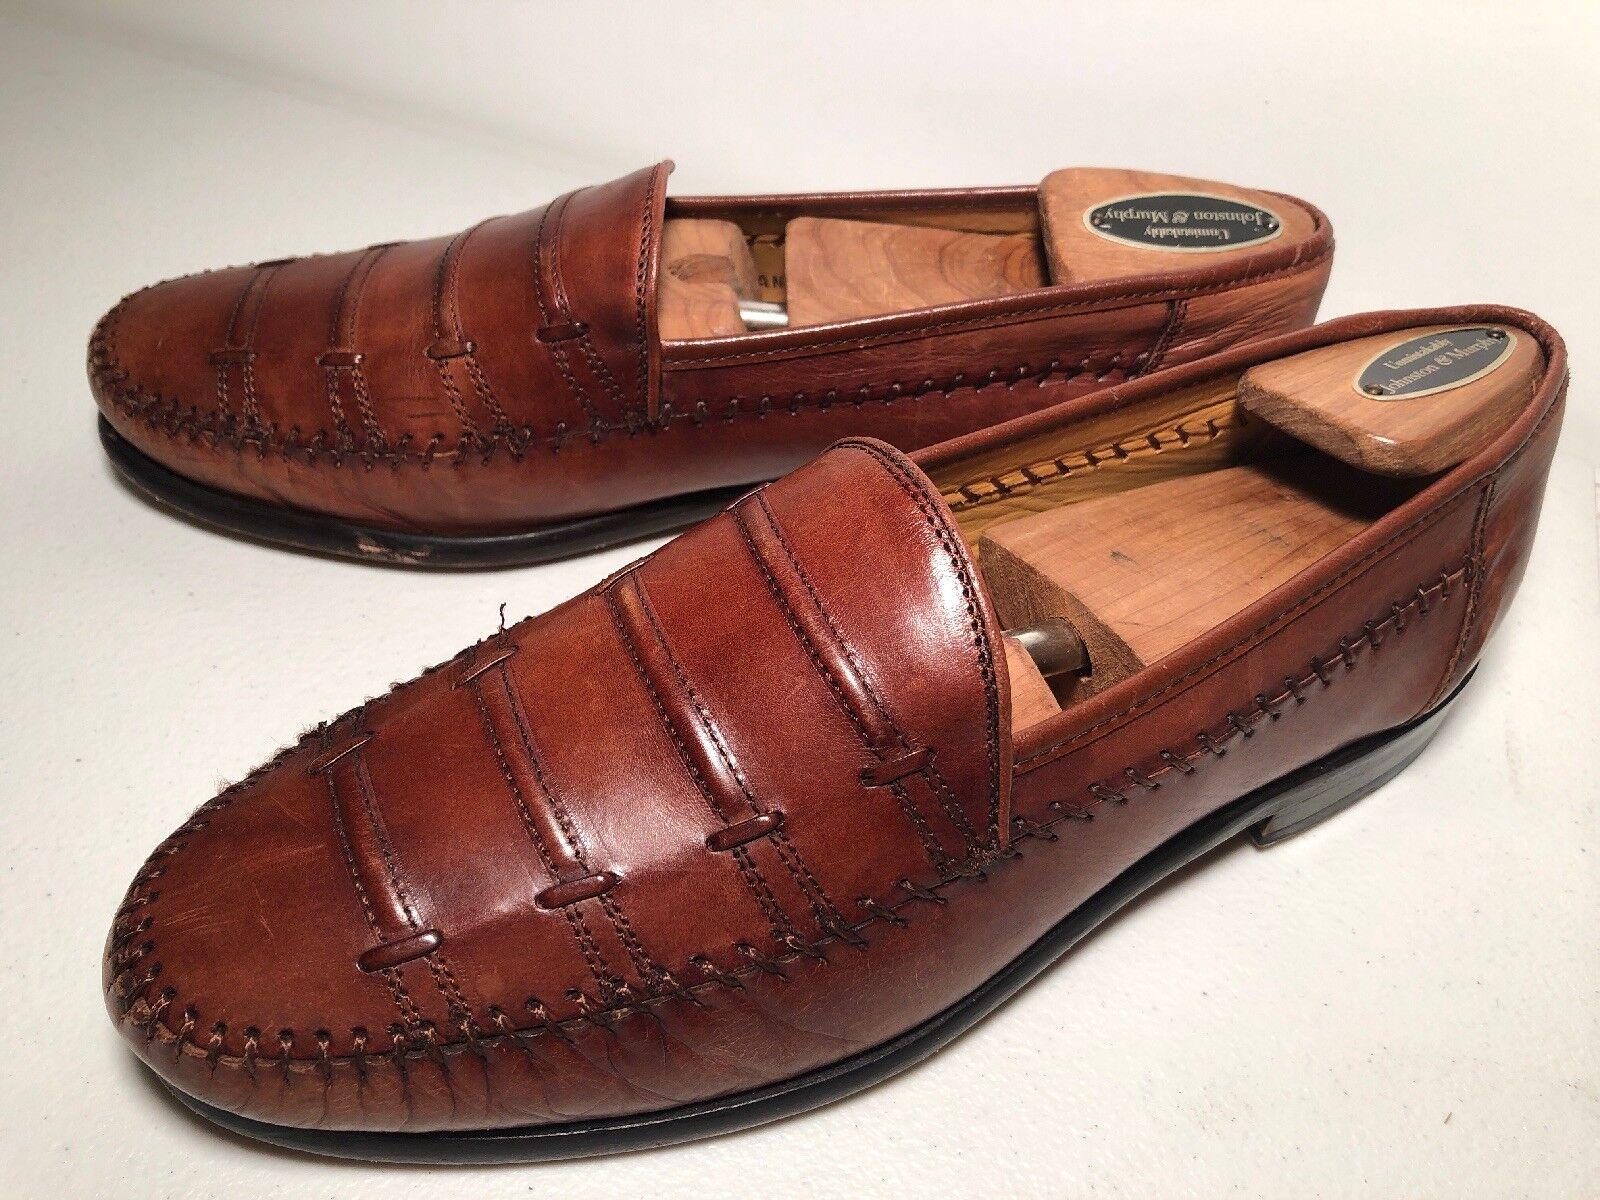 Slip On Loafers Sandro Moscoloni Lance Amb Sy Dress schuhe Men's Größe 8 Moccasins